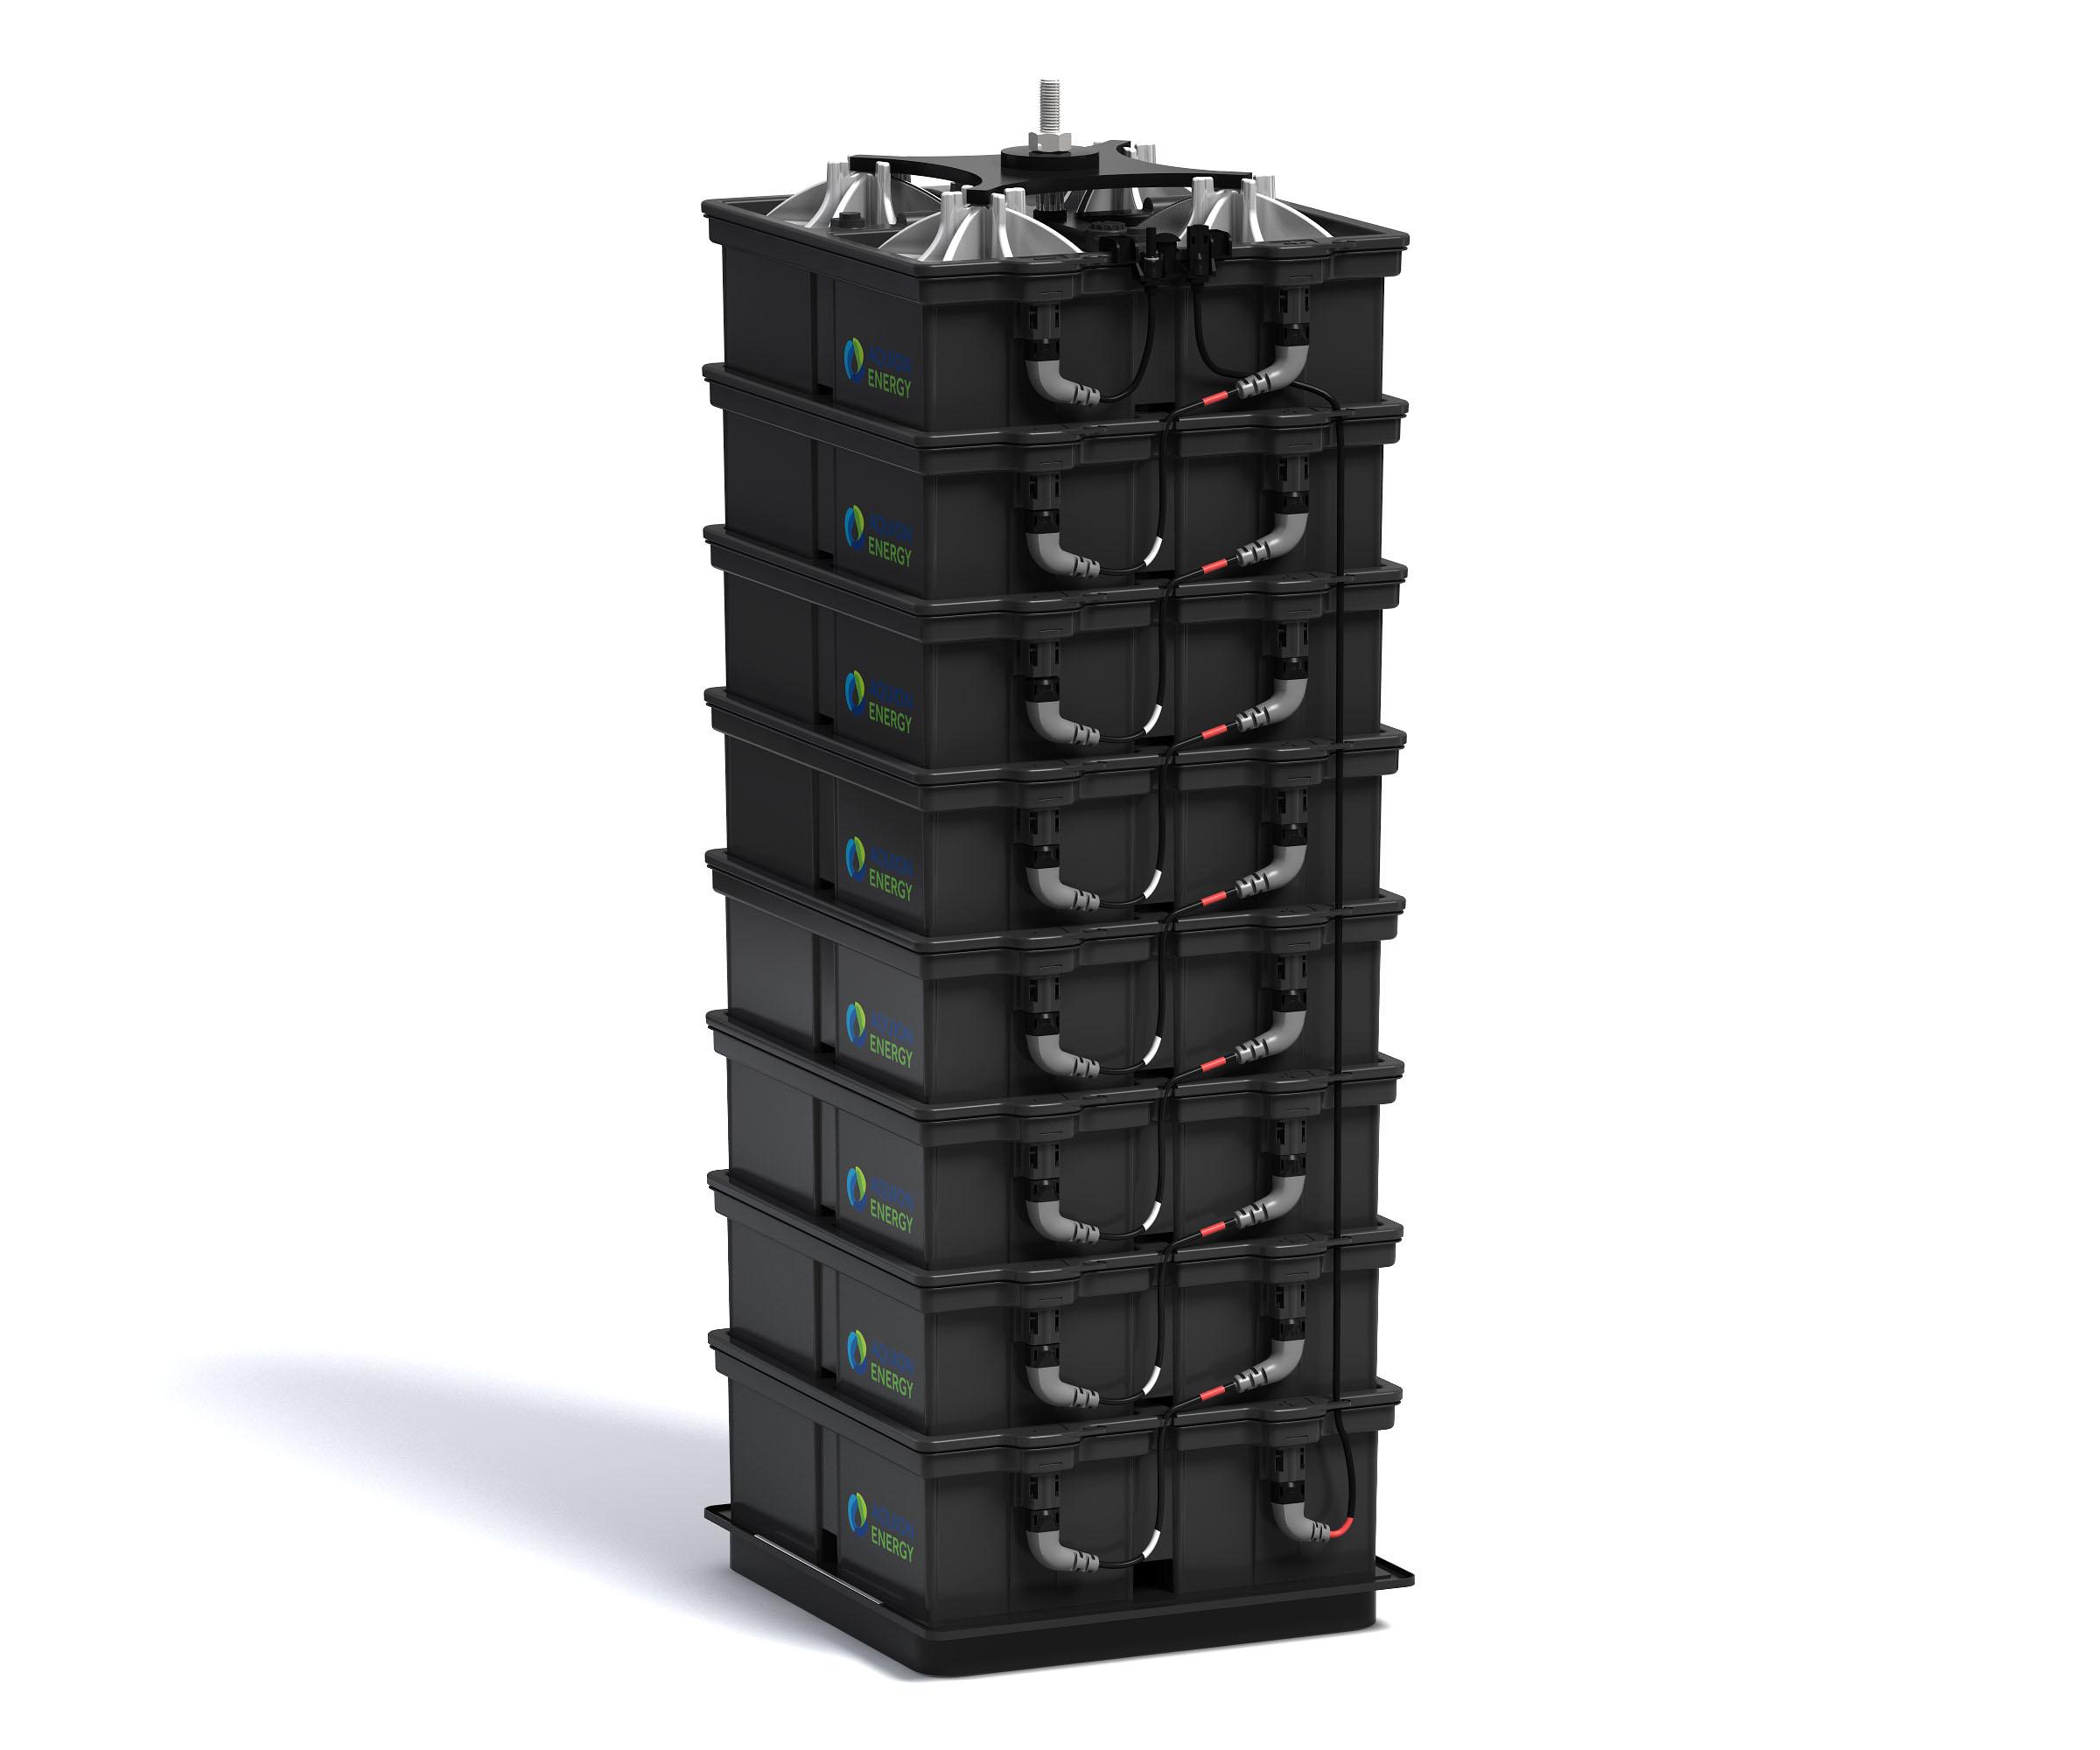 1 Stk Aquion AHI Batterie 2 kWh, 48V, DoD 100%, Salzwasser  PVES0008--